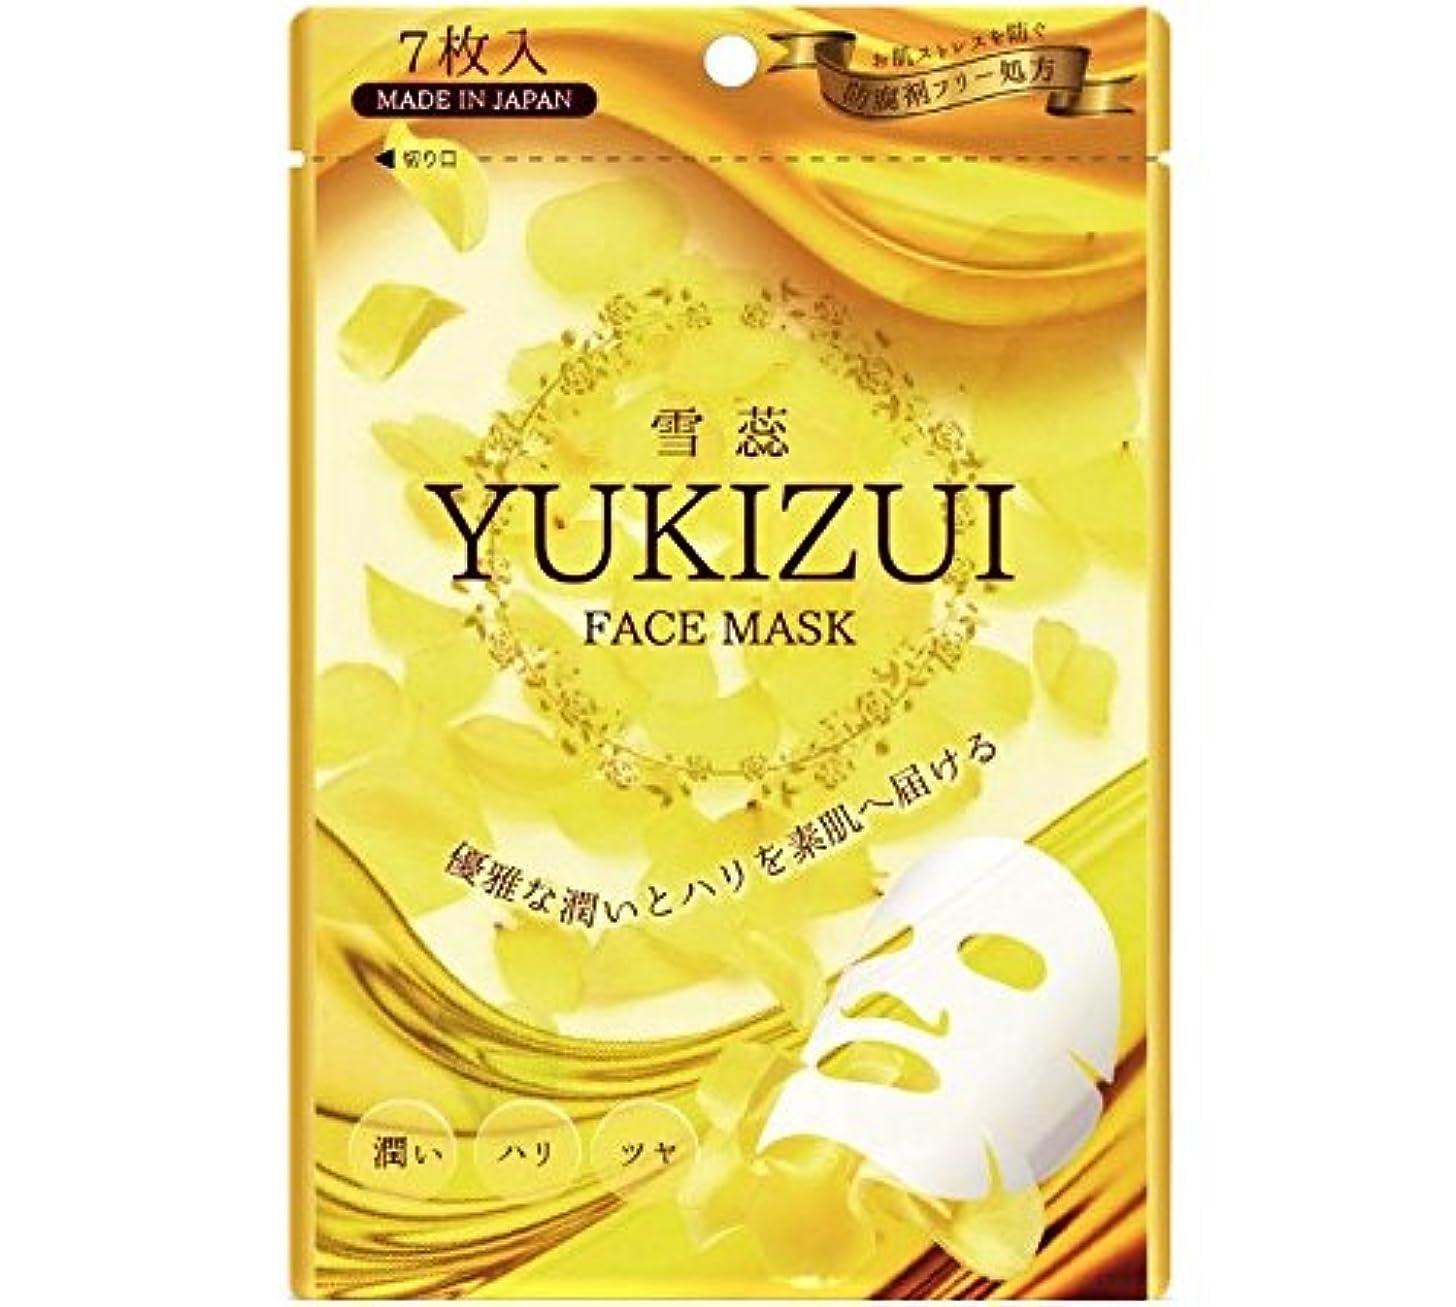 禁止する軍艦付ける雪蕊 YUKIZUI フェイスマスク 防腐剤フリー 天然コットン使用でふんわり密着感 7枚入